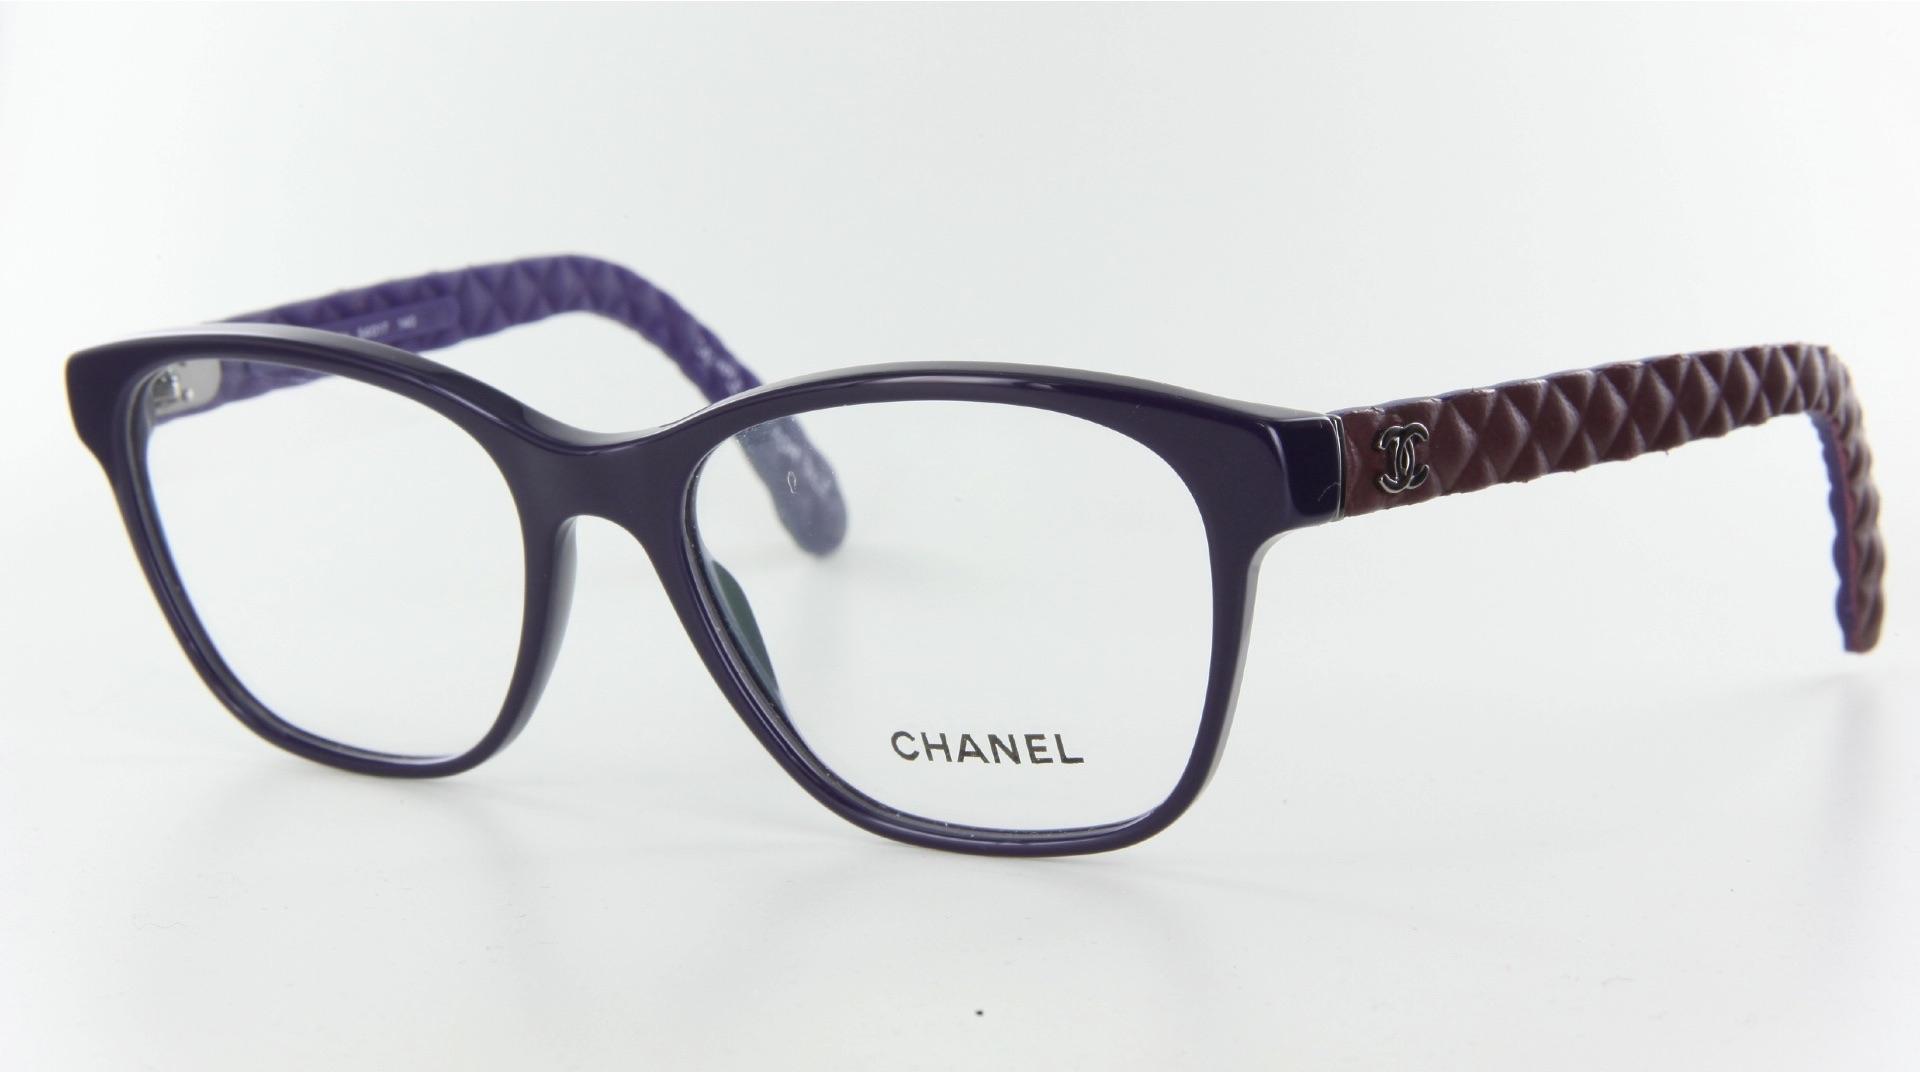 Chanel - ref: 71087